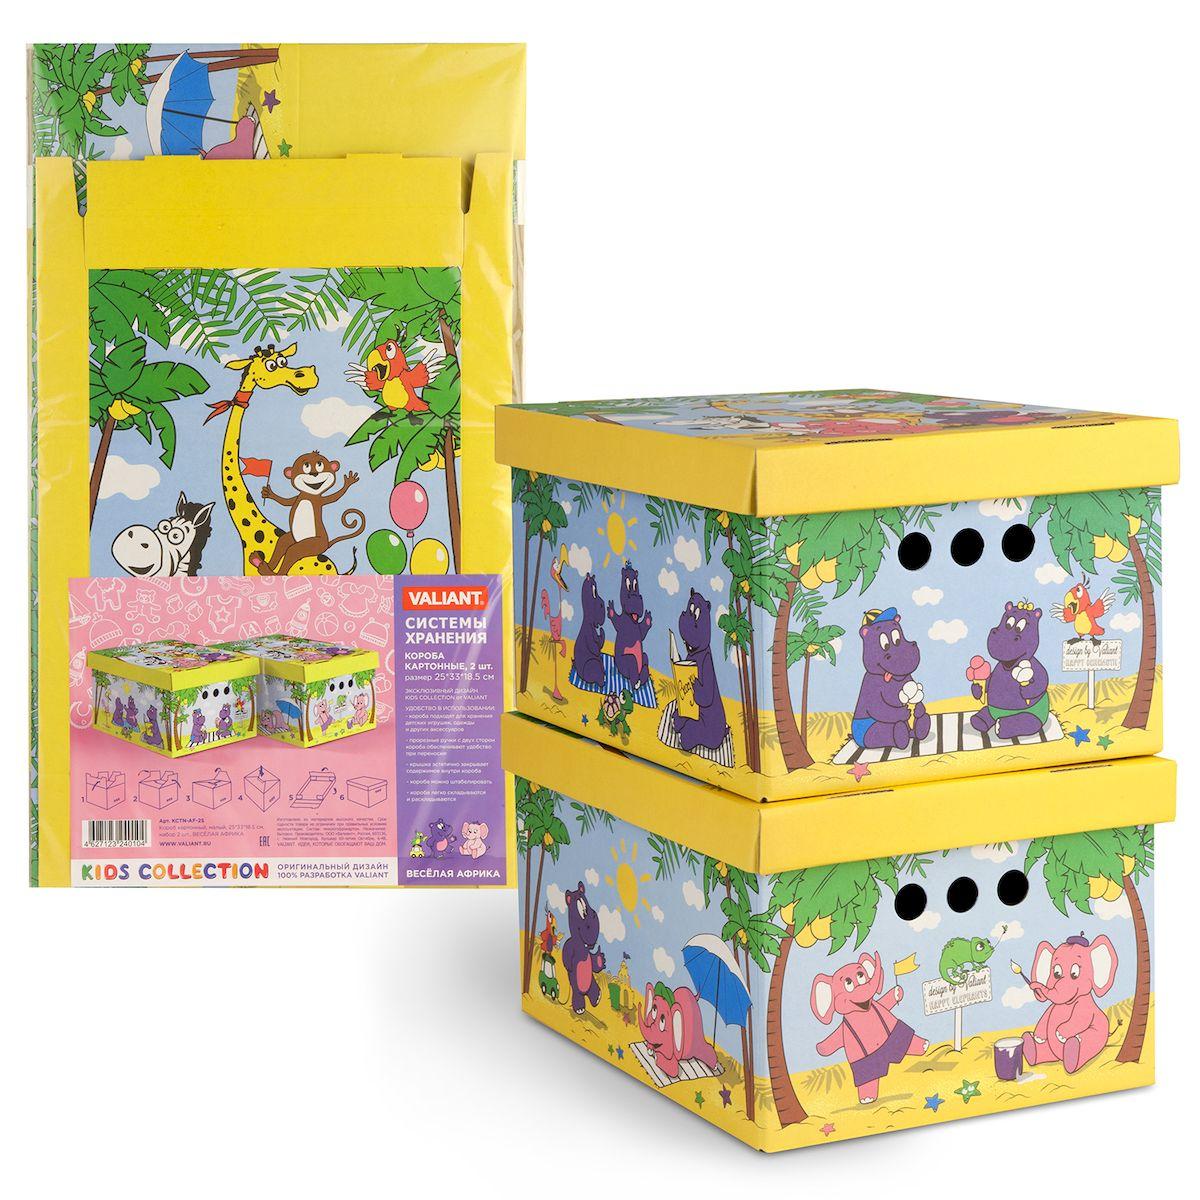 Коробка для хранения Valiant Веселая Африка, складная, 25 х 33 х 18,5 см, 2 штHOM-81Легкие и прочные коробки Valiant Веселая Африка, выполненные из картона, оформлены красочным изображением зверей и птиц. В комплект входят две коробки. Благодаря прорезным ручкам с двух сторон коробки удобно поднимать и переносить. Изделия оснащены крышками. Коробки являются самосборными, на упаковке имеется инструкция по сборке. Благодаря вместительности коробок вы сможете сэкономить место в вашем доме, и все вещи всегда будут в порядке.